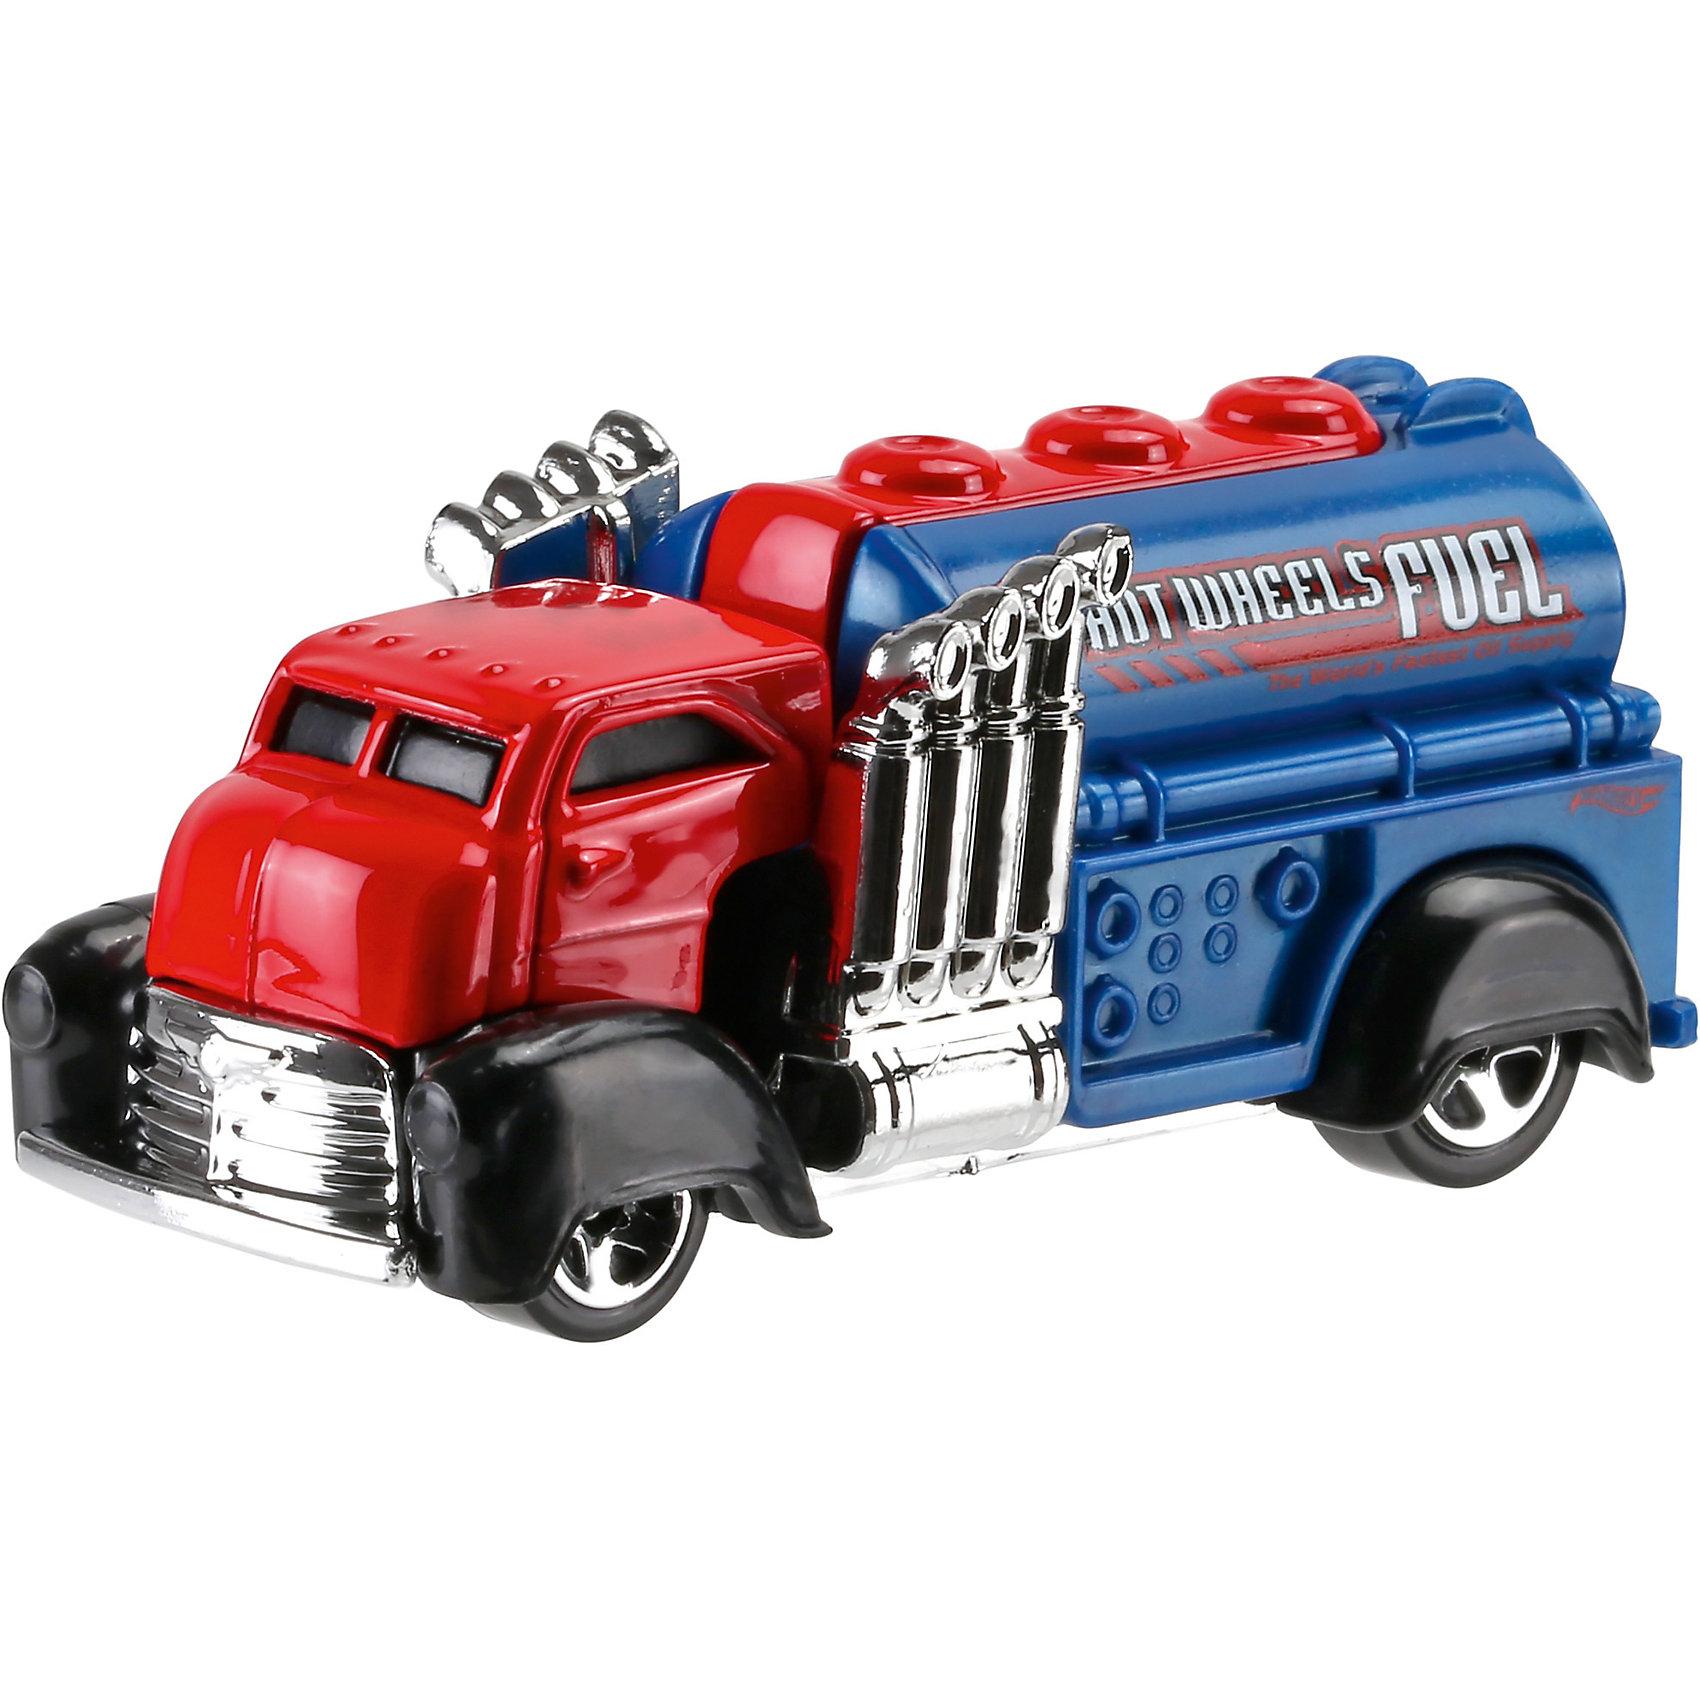 Машинка Hot Wheels из базовой коллекцииМашинка Hot Wheels из базовой коллекции – высококачественная масштабная модель машины, имеющая неординарный, радикальный дизайн. <br><br>В упаковке 1 машинка,  машинки тематически обусловлены от фантазийных, спасательных до экстремальных и просто скоростных машин. <br><br>Соберите свою коллекцию машинок Hot Wheels!<br><br>Дополнительная информация: <br><br>Машинка стандартного размера Hot Wheels<br>Размер упаковки: 11 х 10,5 х 3,5 см<br><br>Ширина мм: 110<br>Глубина мм: 45<br>Высота мм: 110<br>Вес г: 30<br>Возраст от месяцев: 36<br>Возраст до месяцев: 96<br>Пол: Мужской<br>Возраст: Детский<br>SKU: 5033413